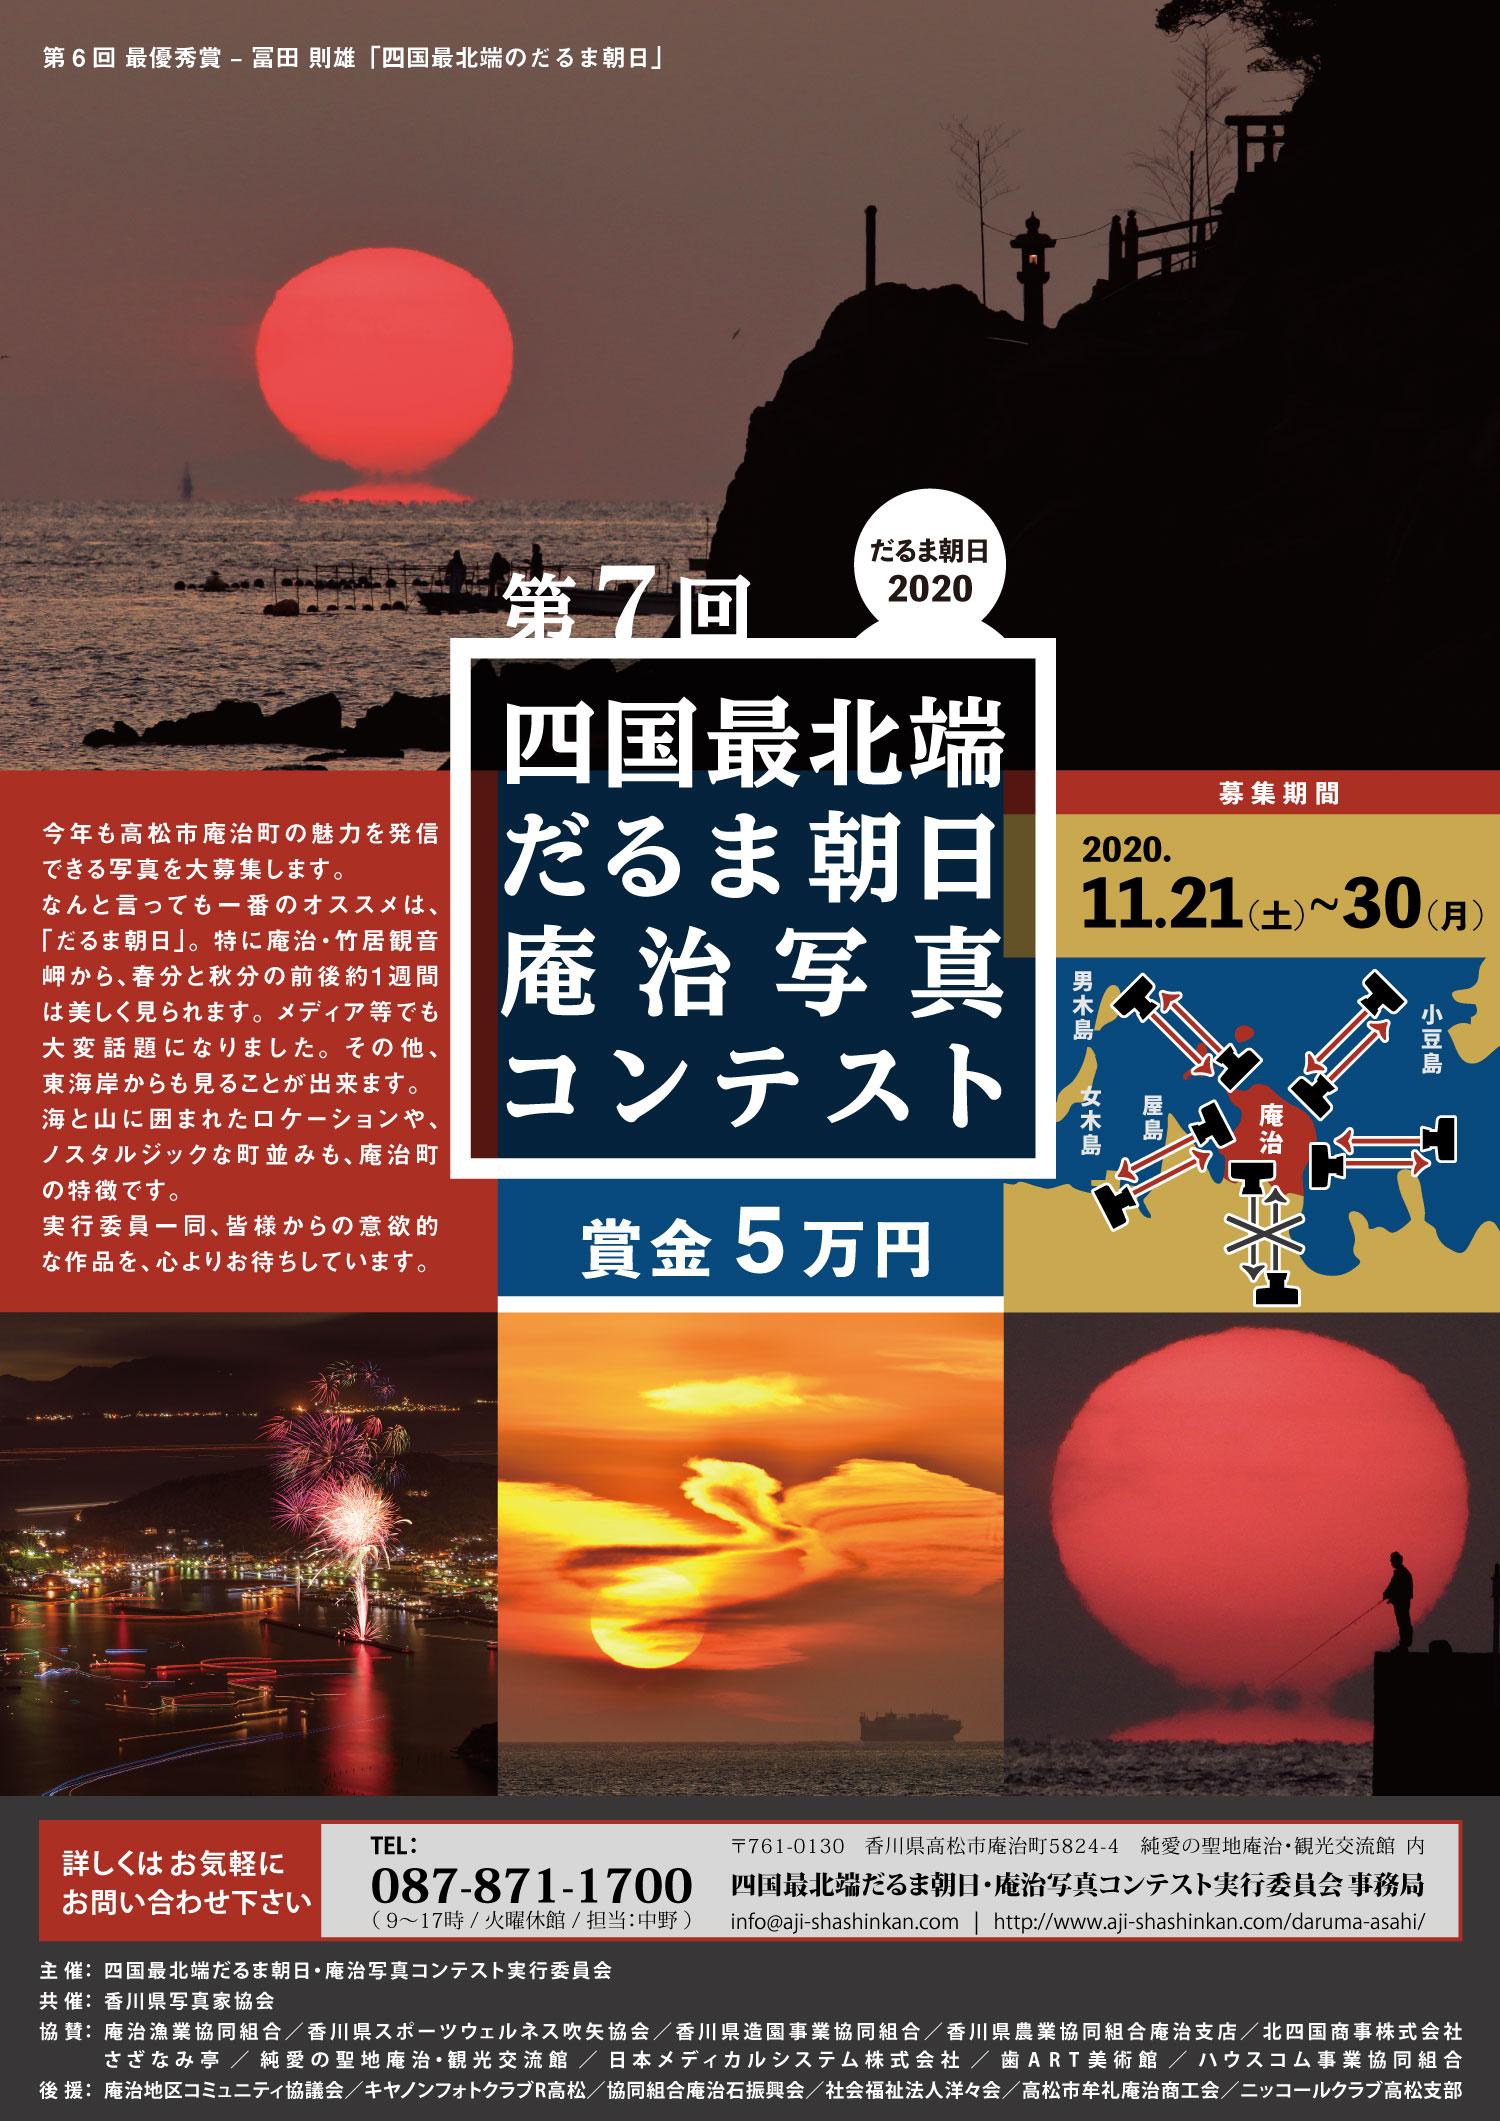 第7回(2020年度) 四国最北端だるま朝日・庵治写真コンテスト 応募要項 ポスター